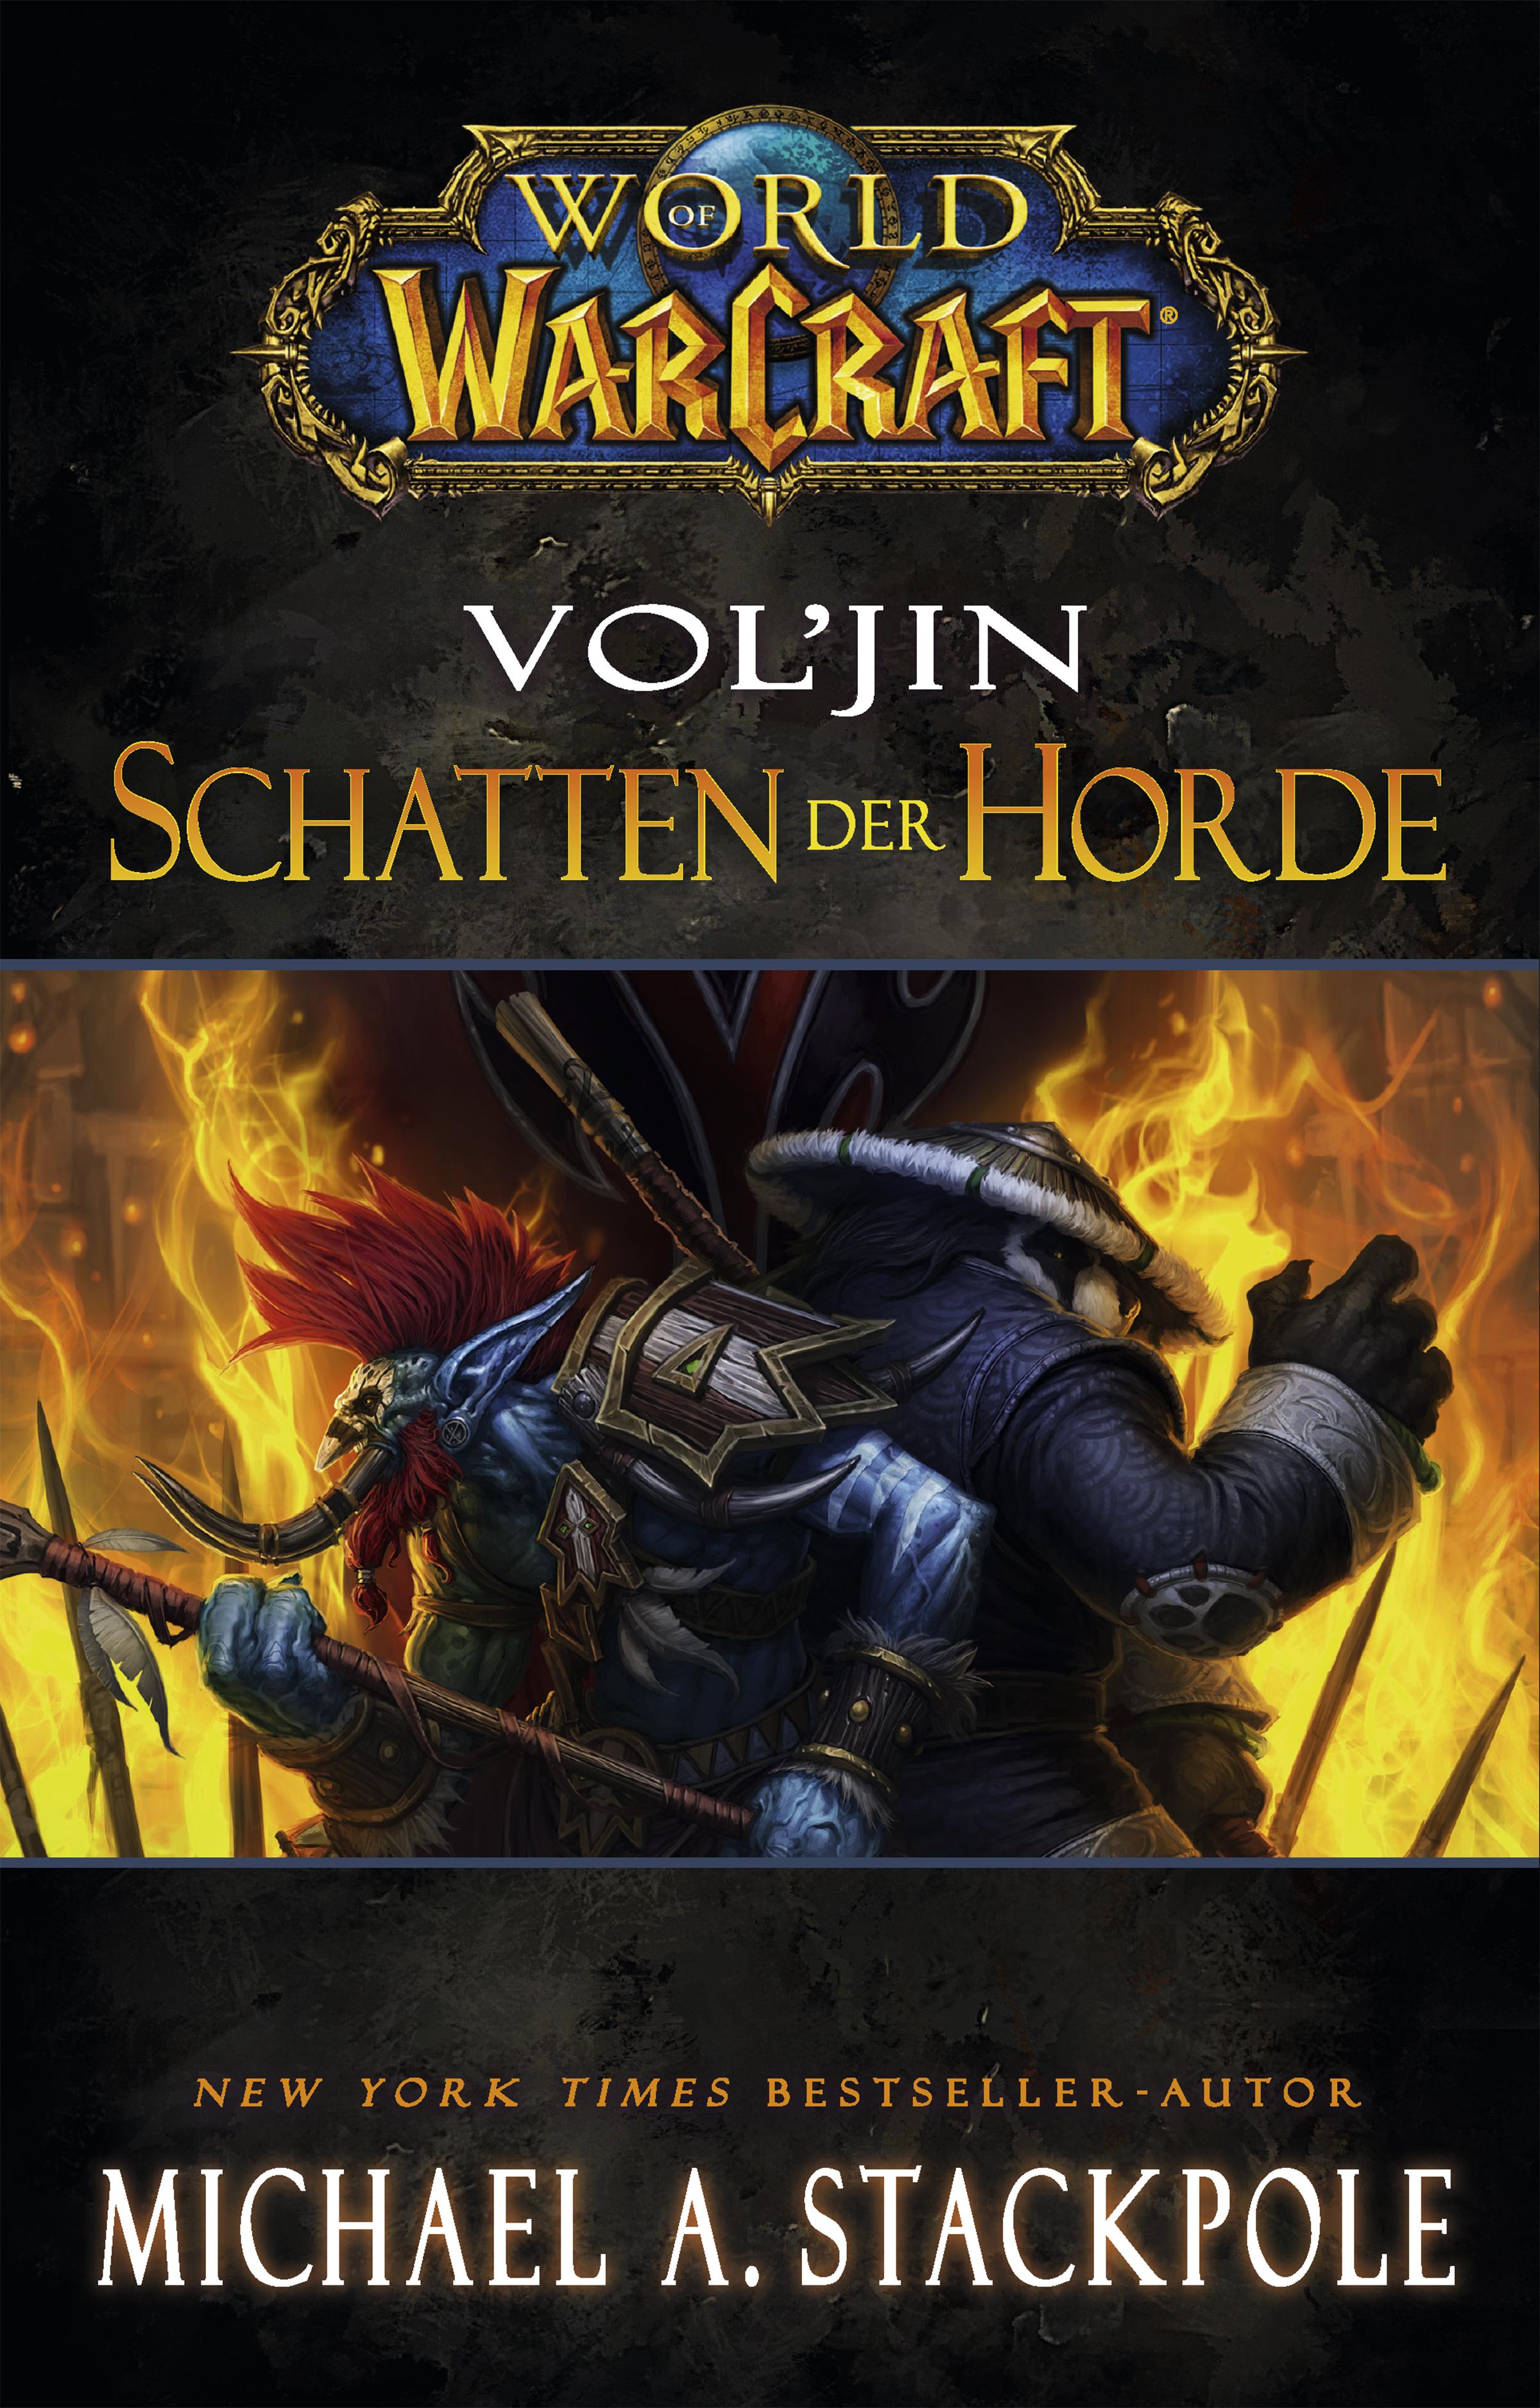 Michael A. Stackpole World of Warcraft: Vol'jin - Schatten der Horde christie golden world of warcraft band 2 der aufstieg der horde